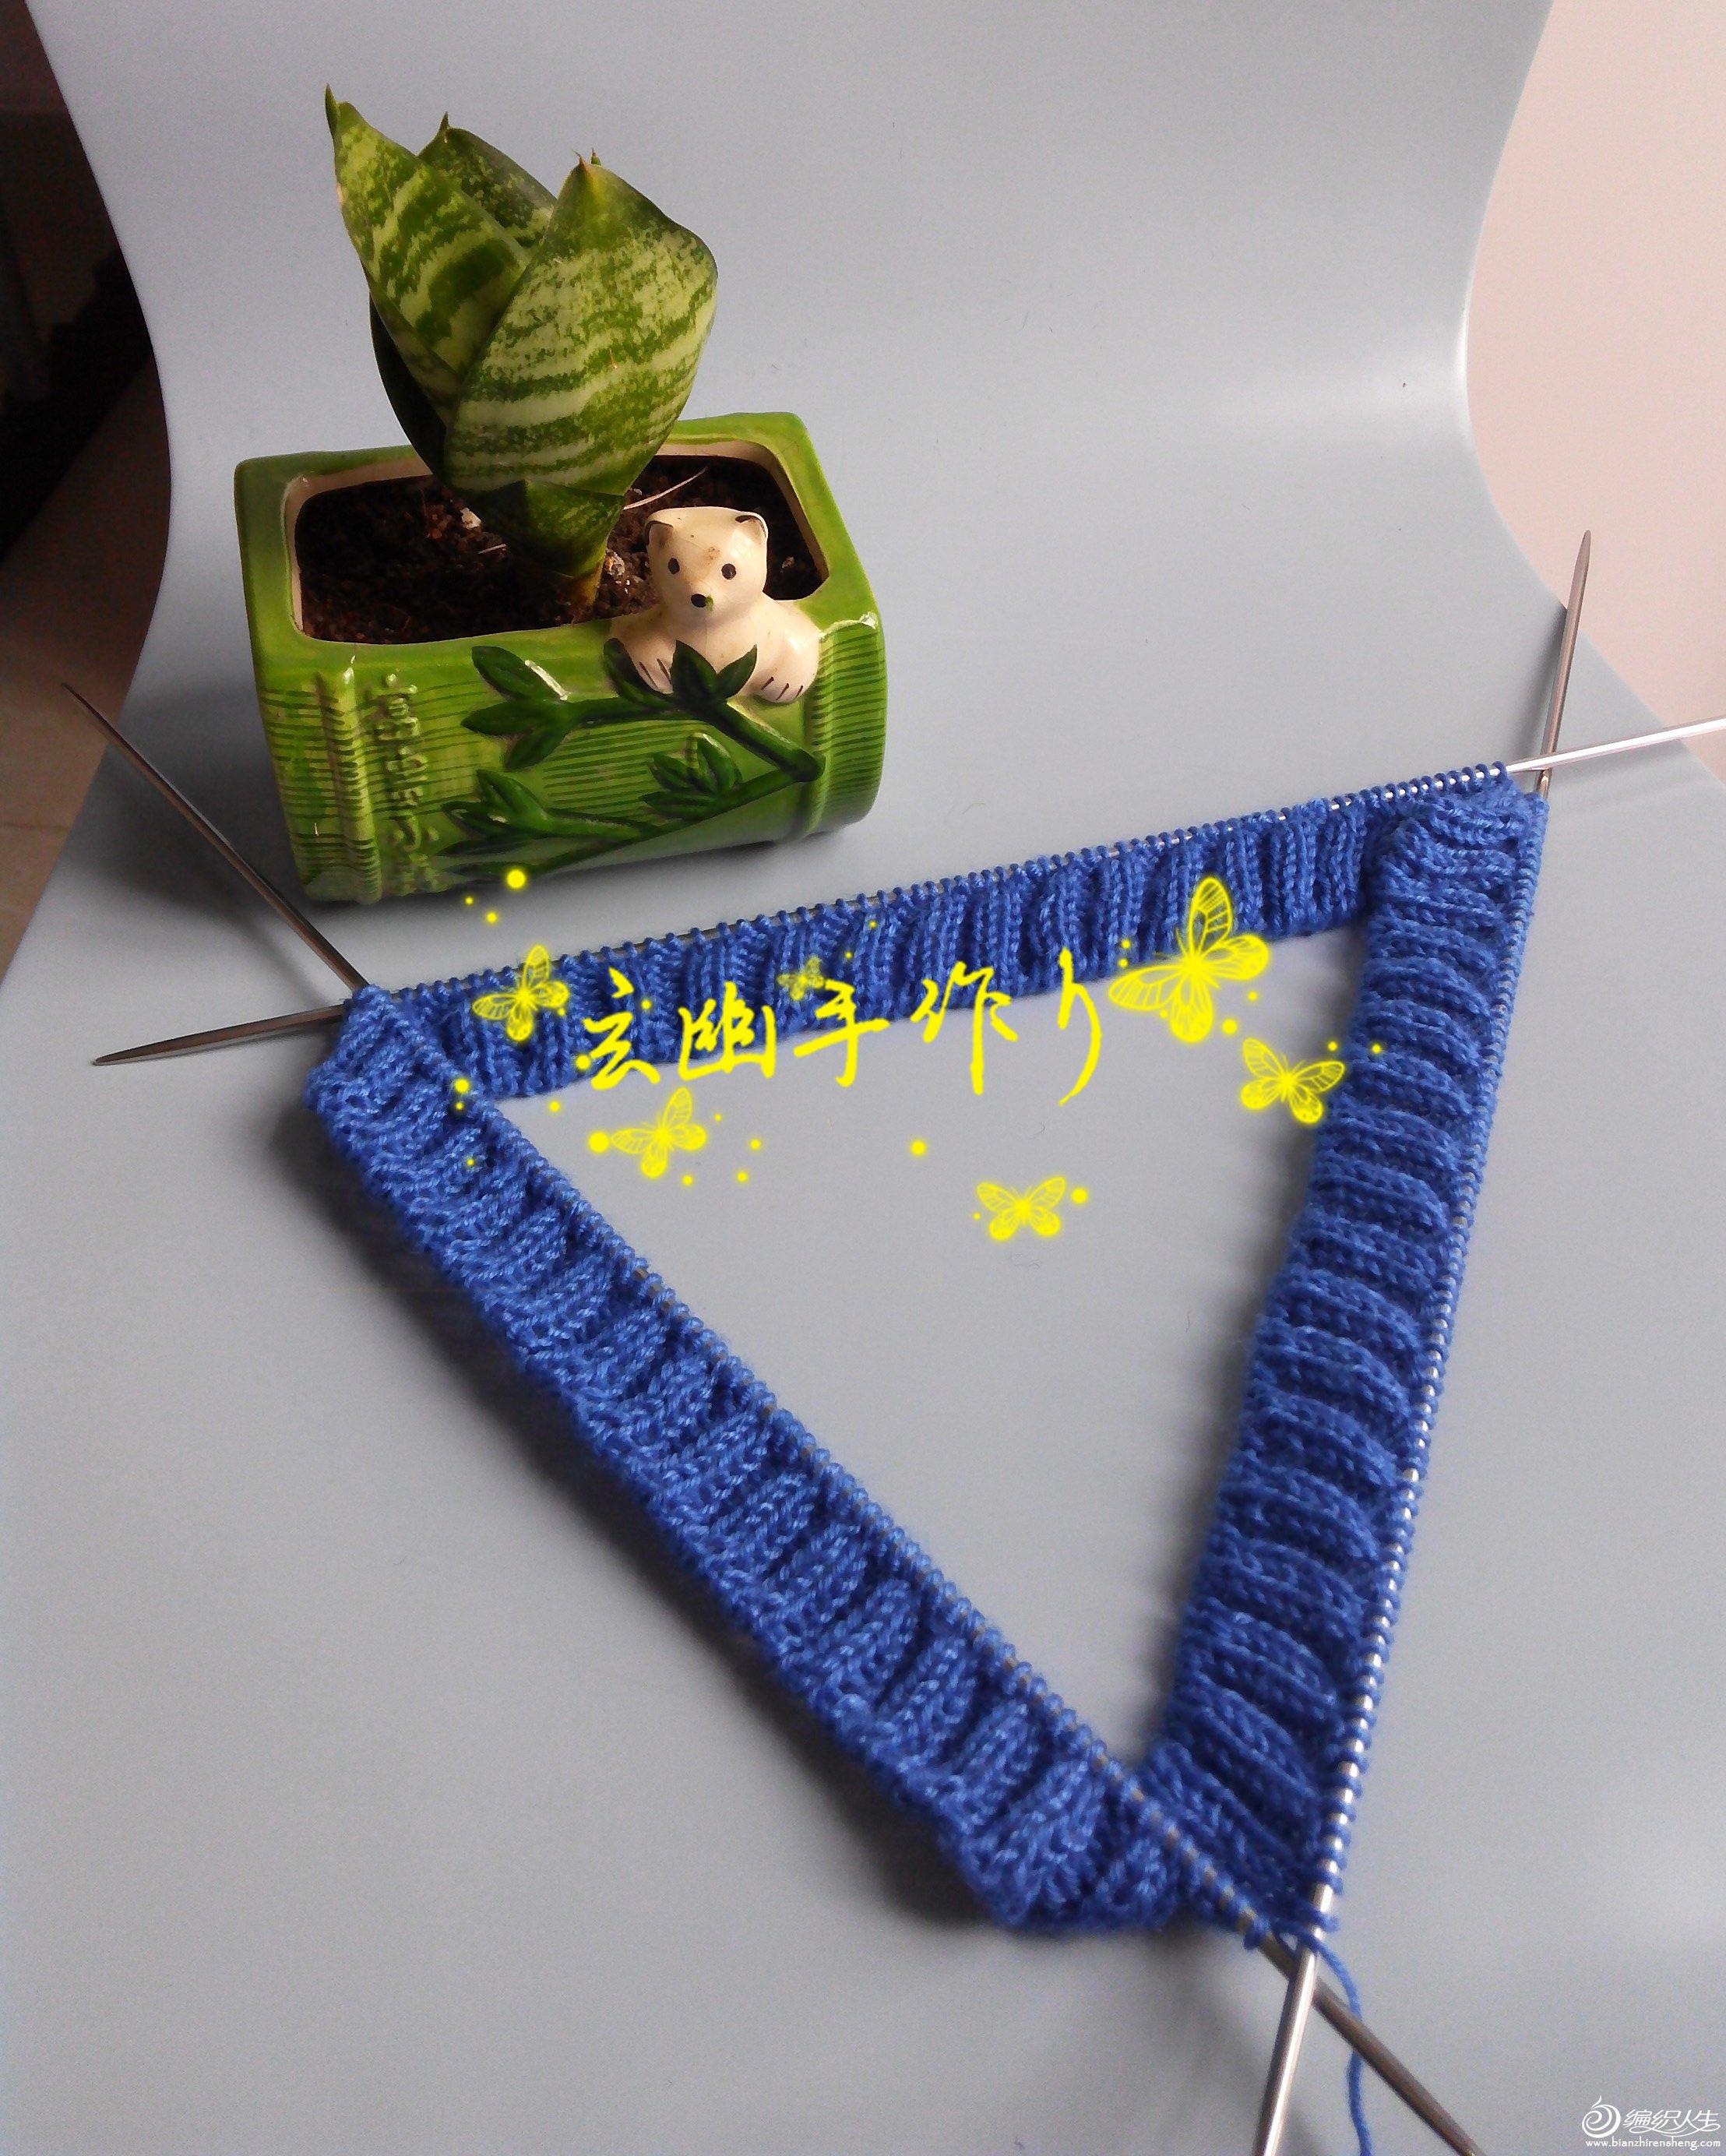 【引用】莎菲雅Sapphire—半原创圆育克费尔岛提花套衫 - 壹一 - 壹一编织博客